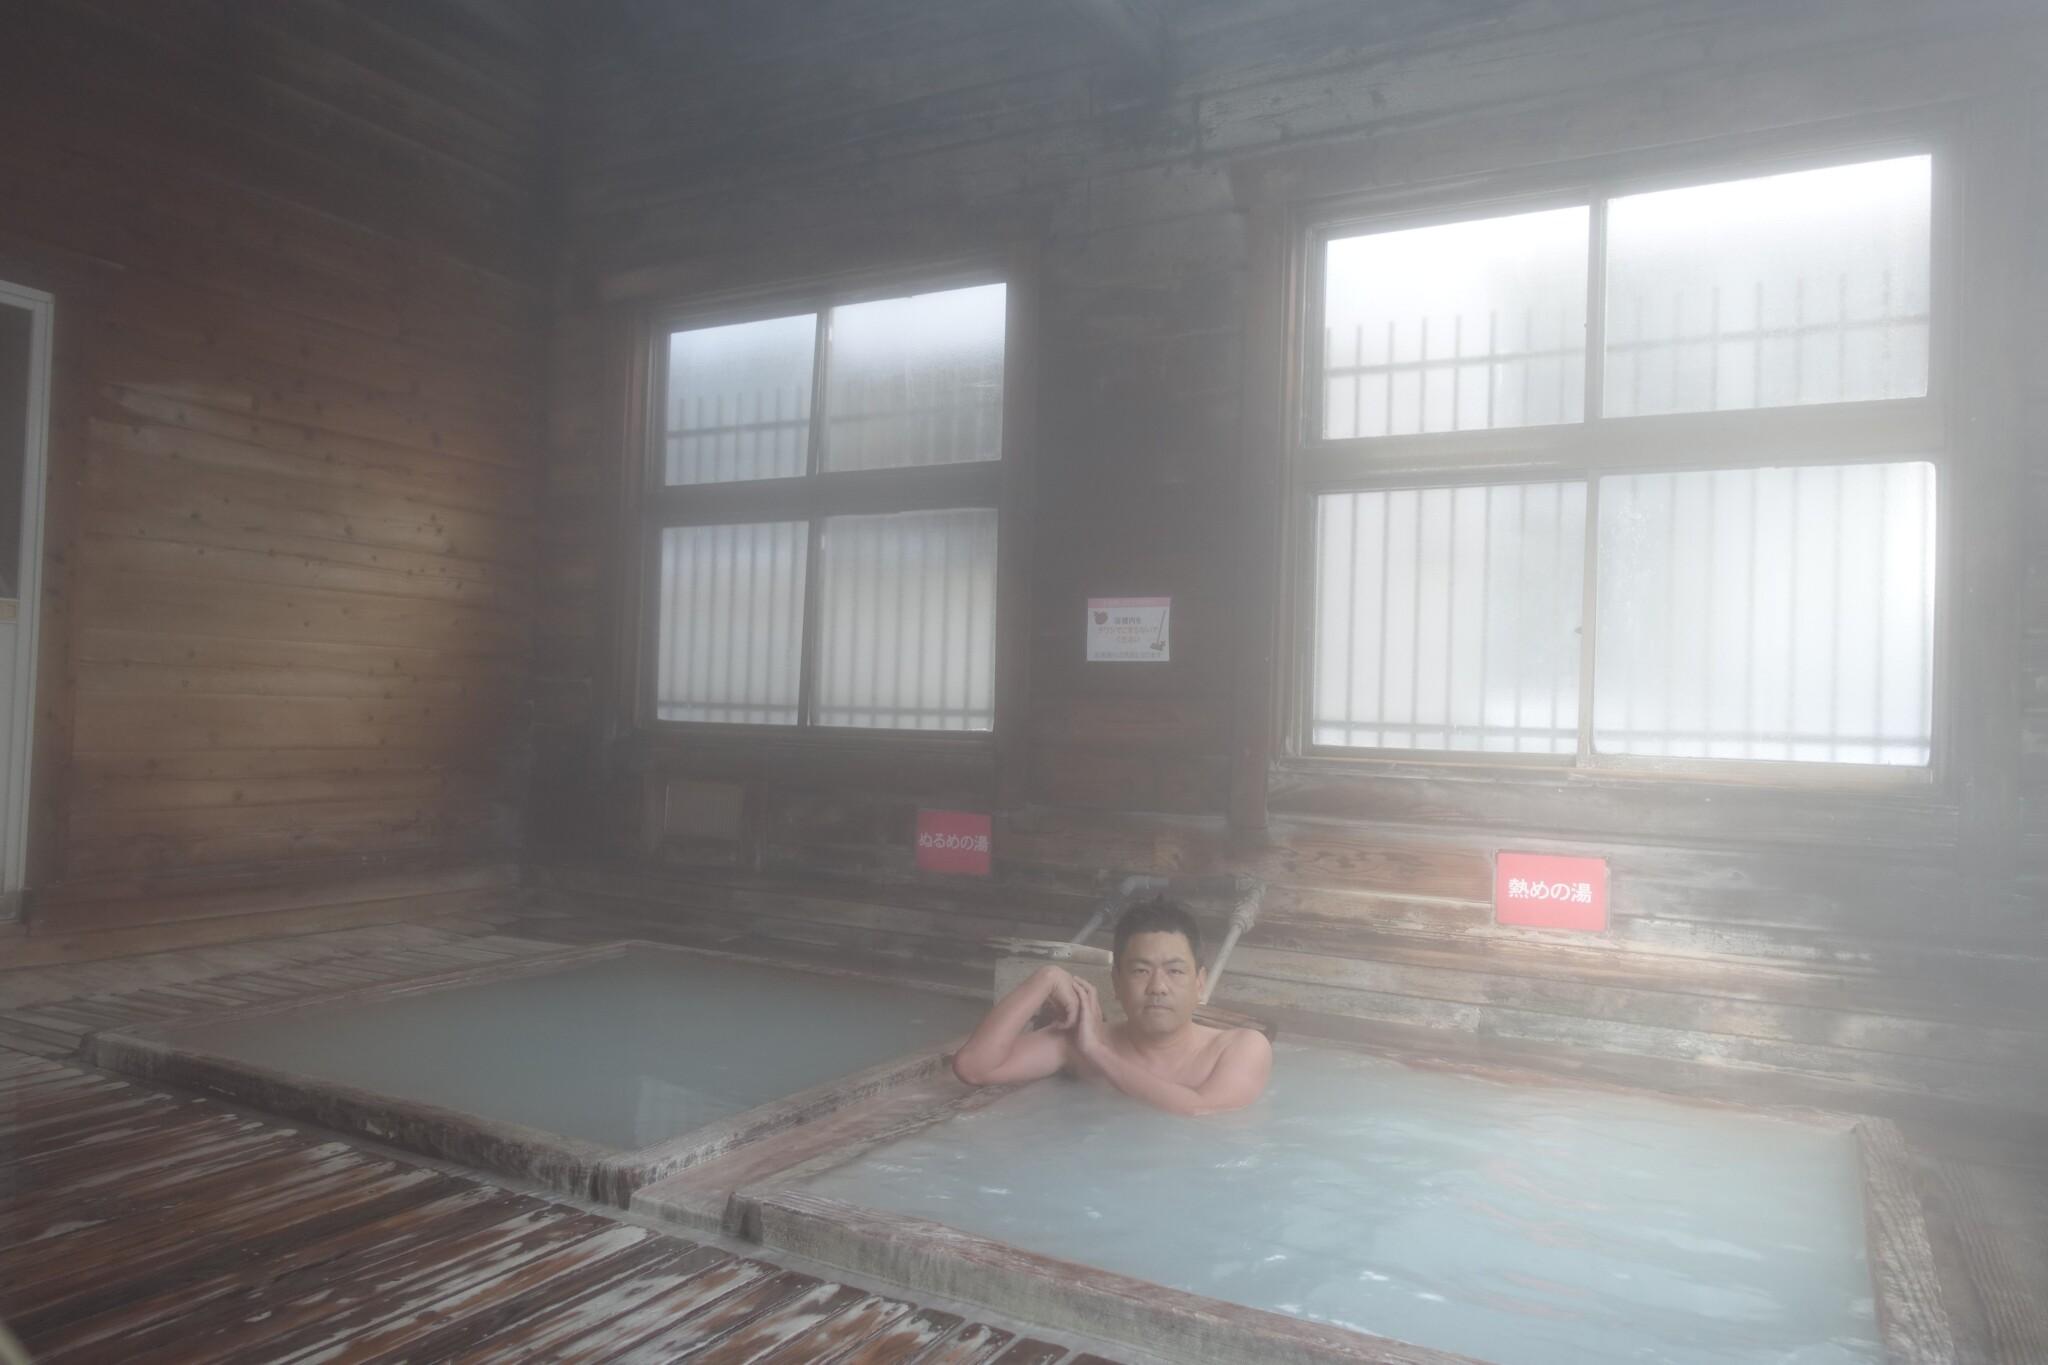 ふたたび温泉療養に戻る【那須湯本療養2】(その1~13)